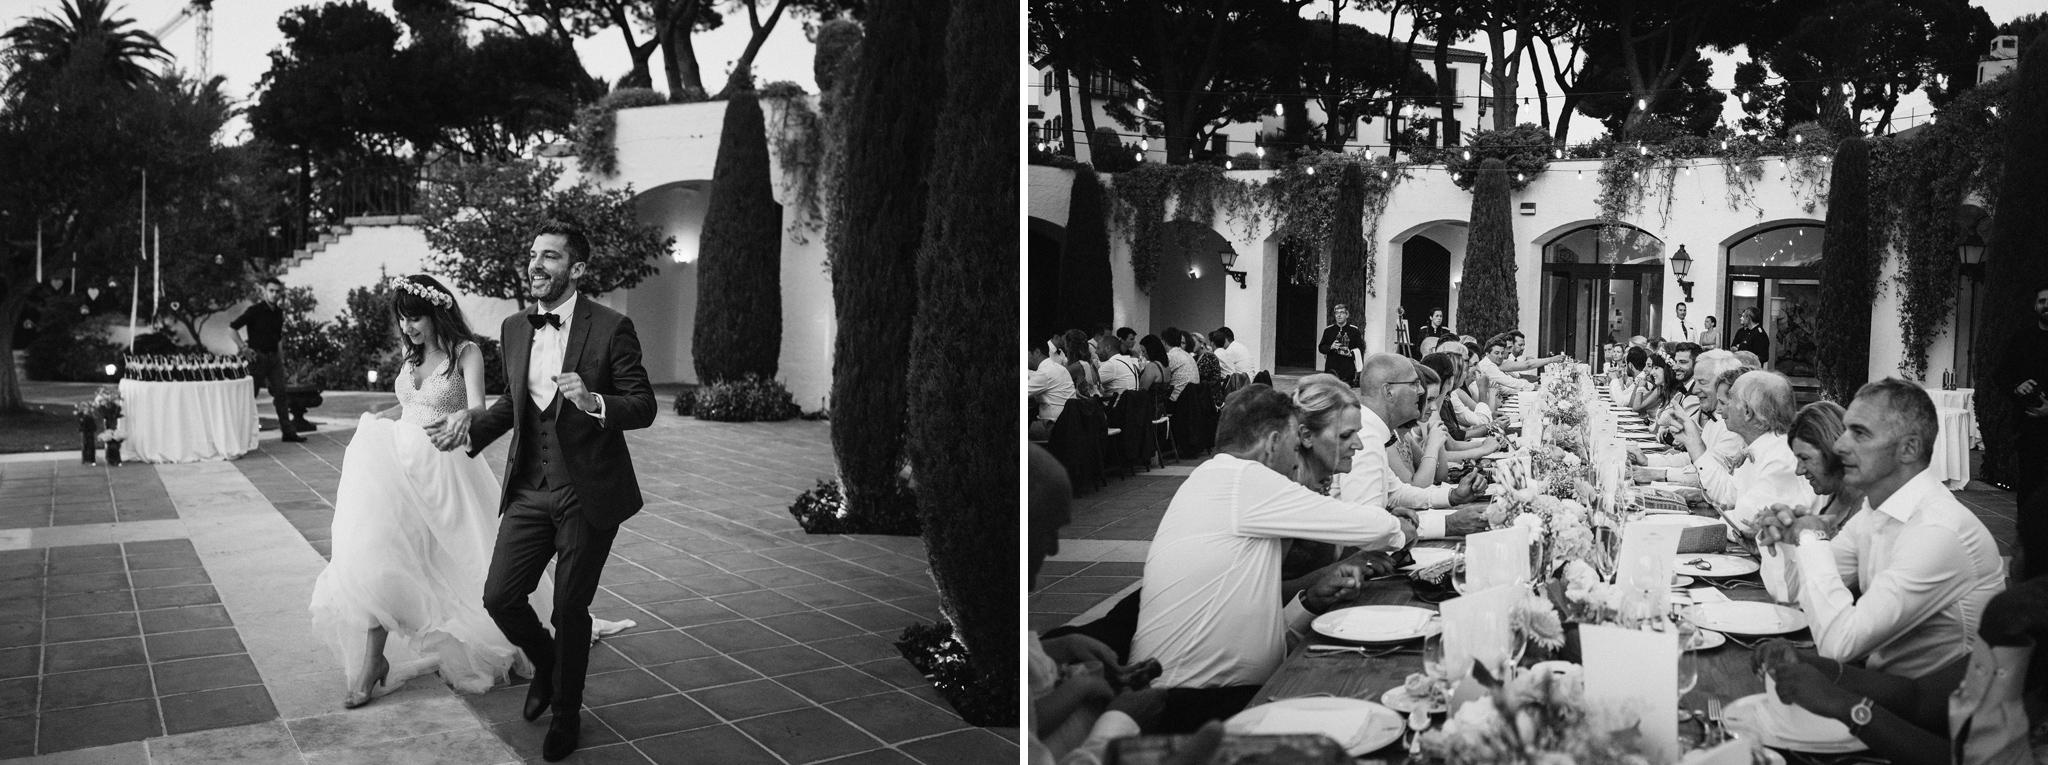 fotografo-boda-barcelona0073.jpg